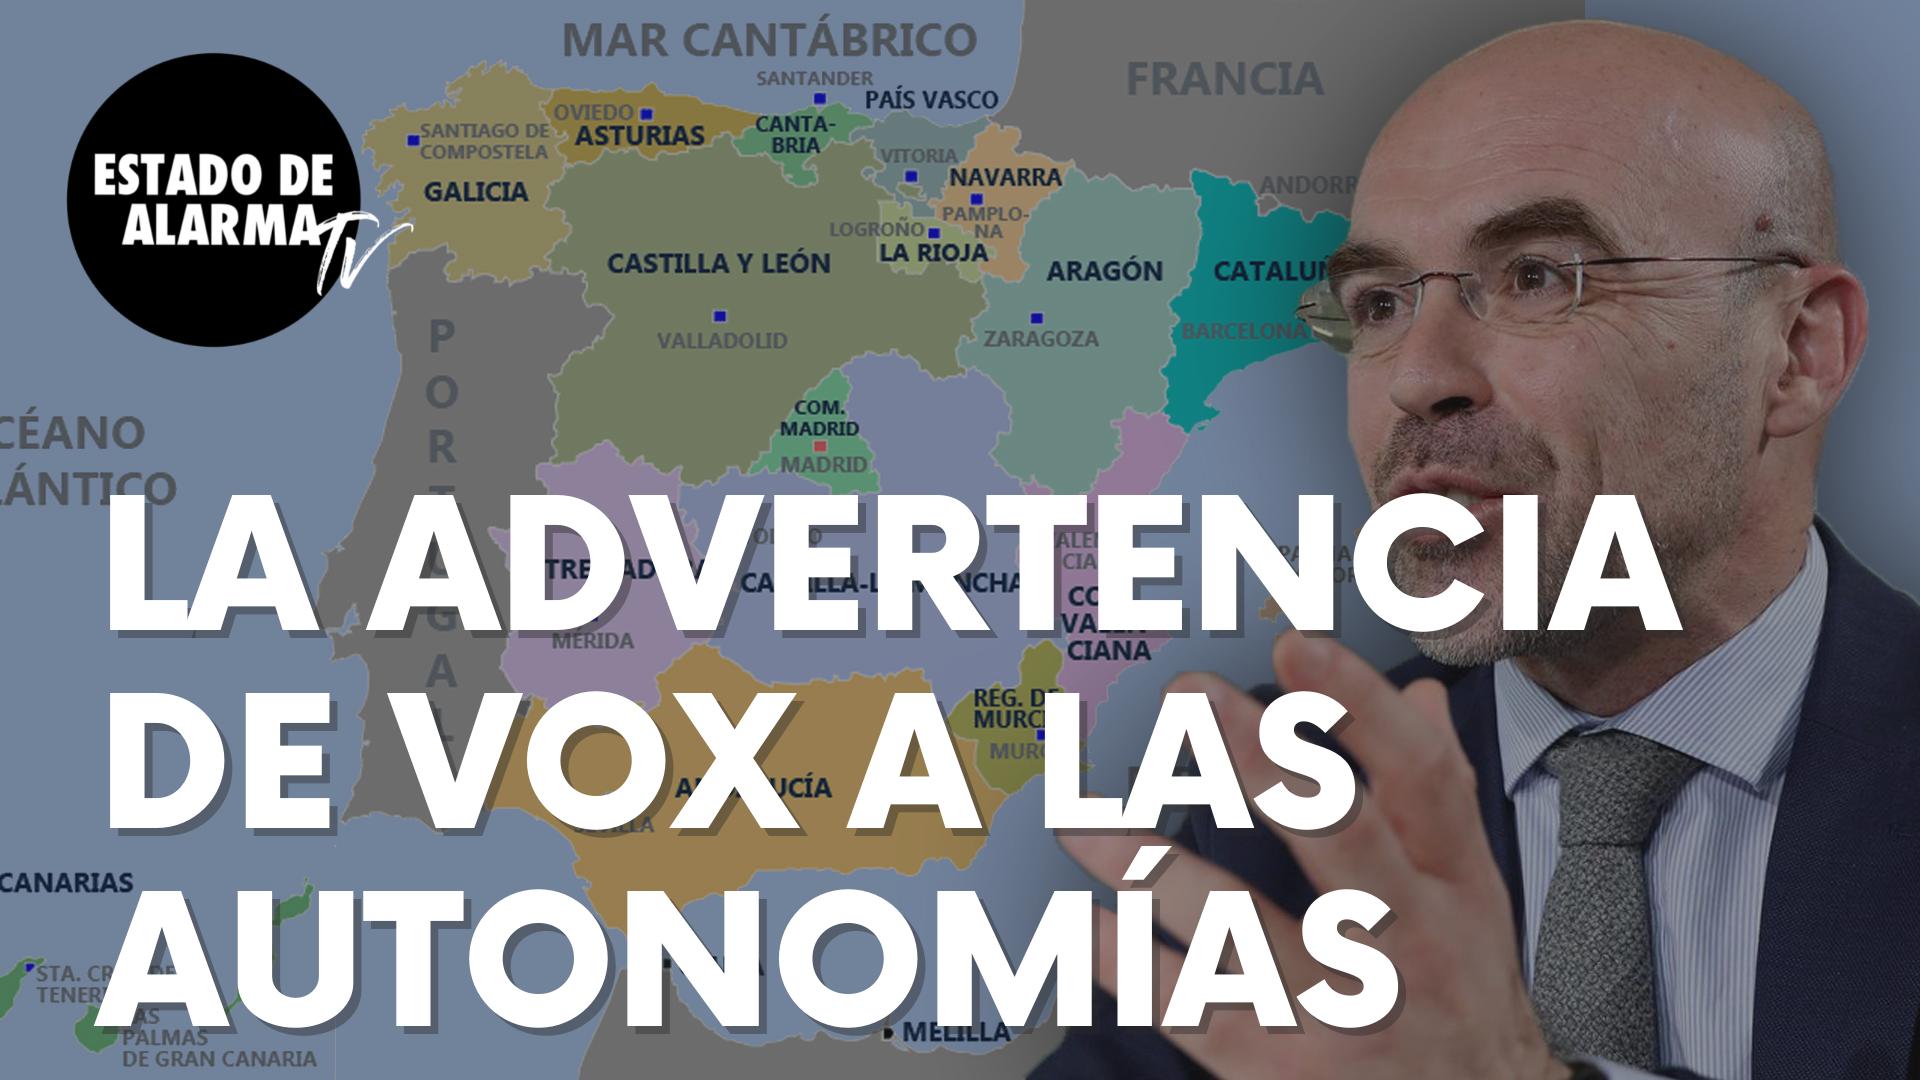 La seria advertencia lanzada por Vox a las autonomías tras el fin del estado de alarma